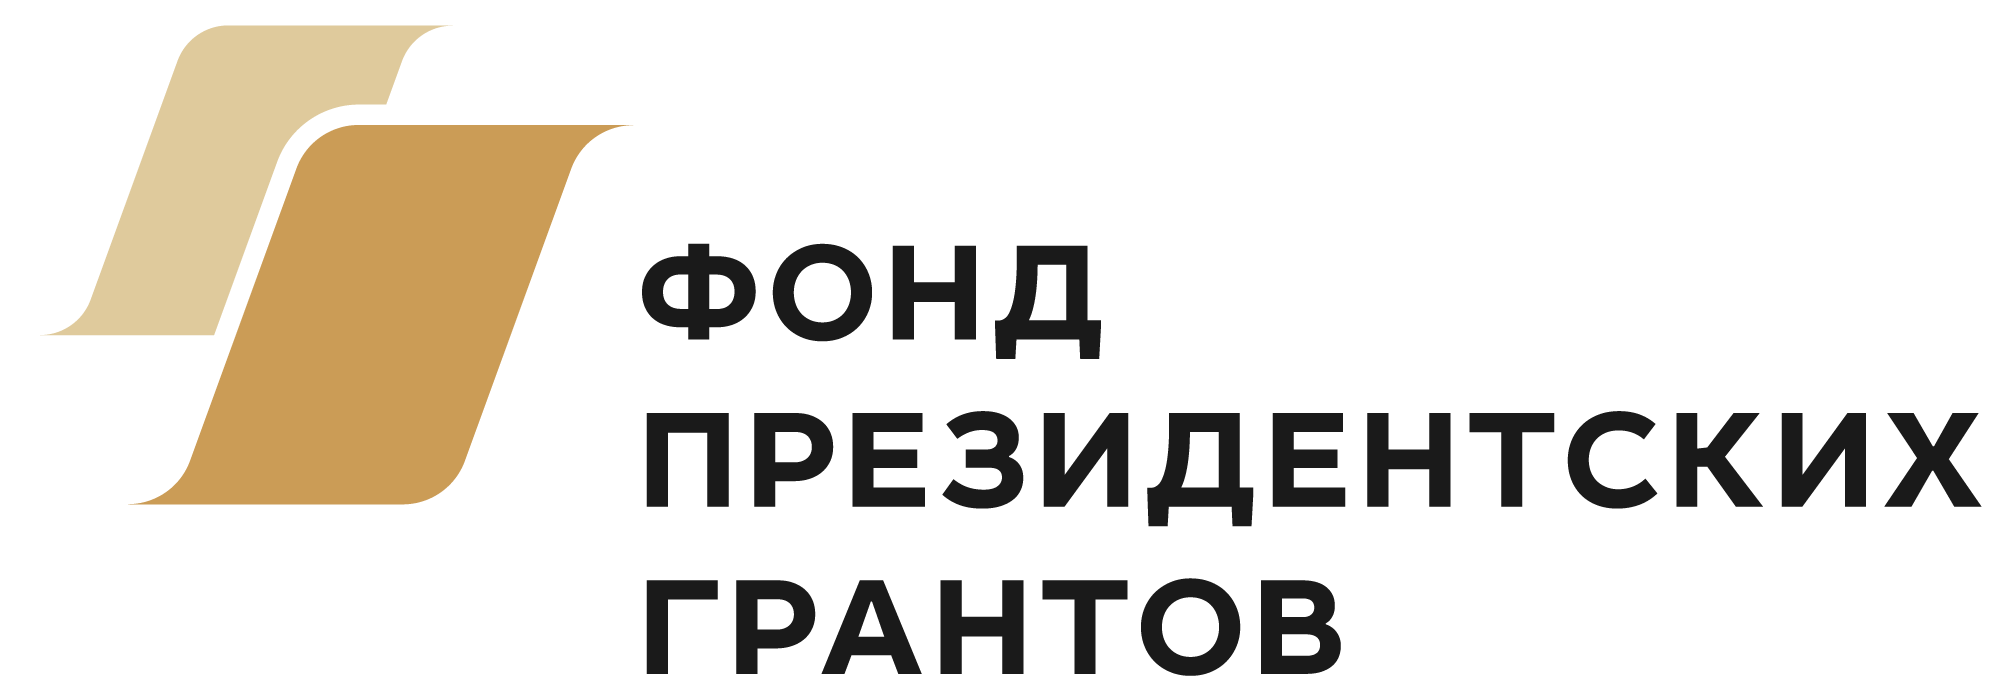 Logotype_fpg